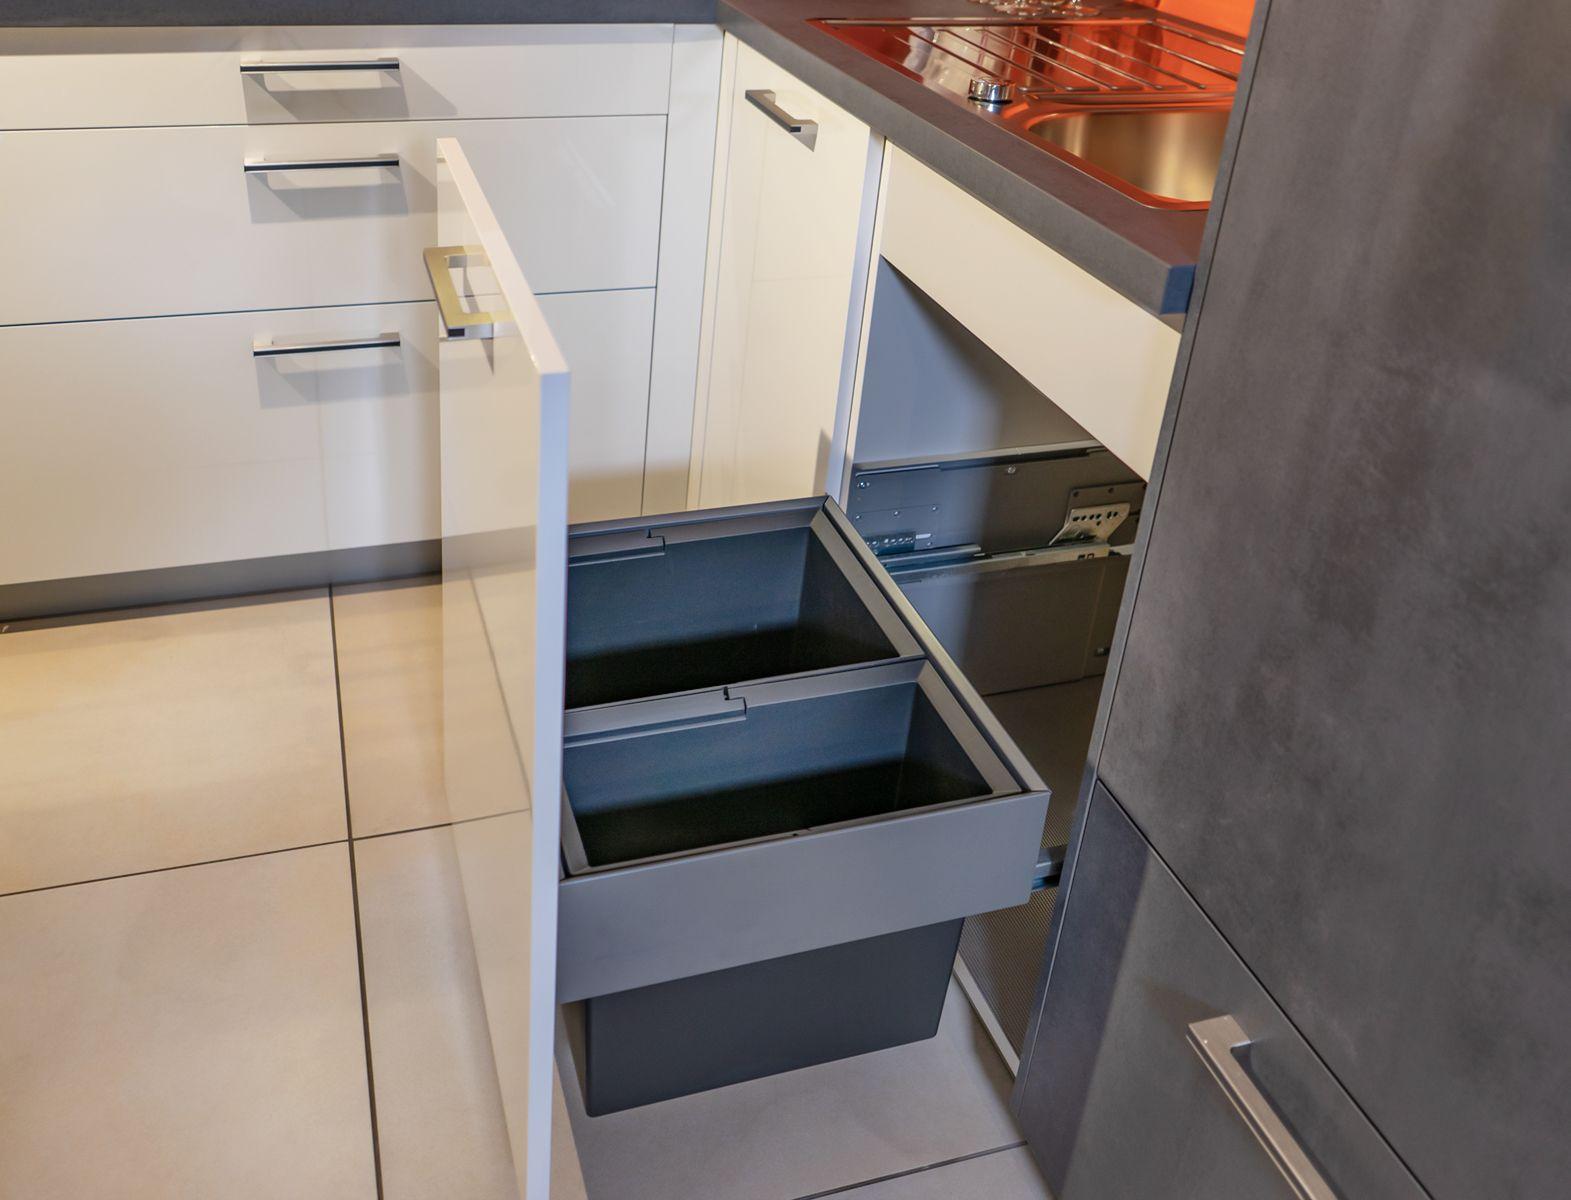 Full Size of Müllsystem Kche Mit Integriertem Mllsystem Ausstellungskche Jetzt Nur Küche Wohnzimmer Müllsystem